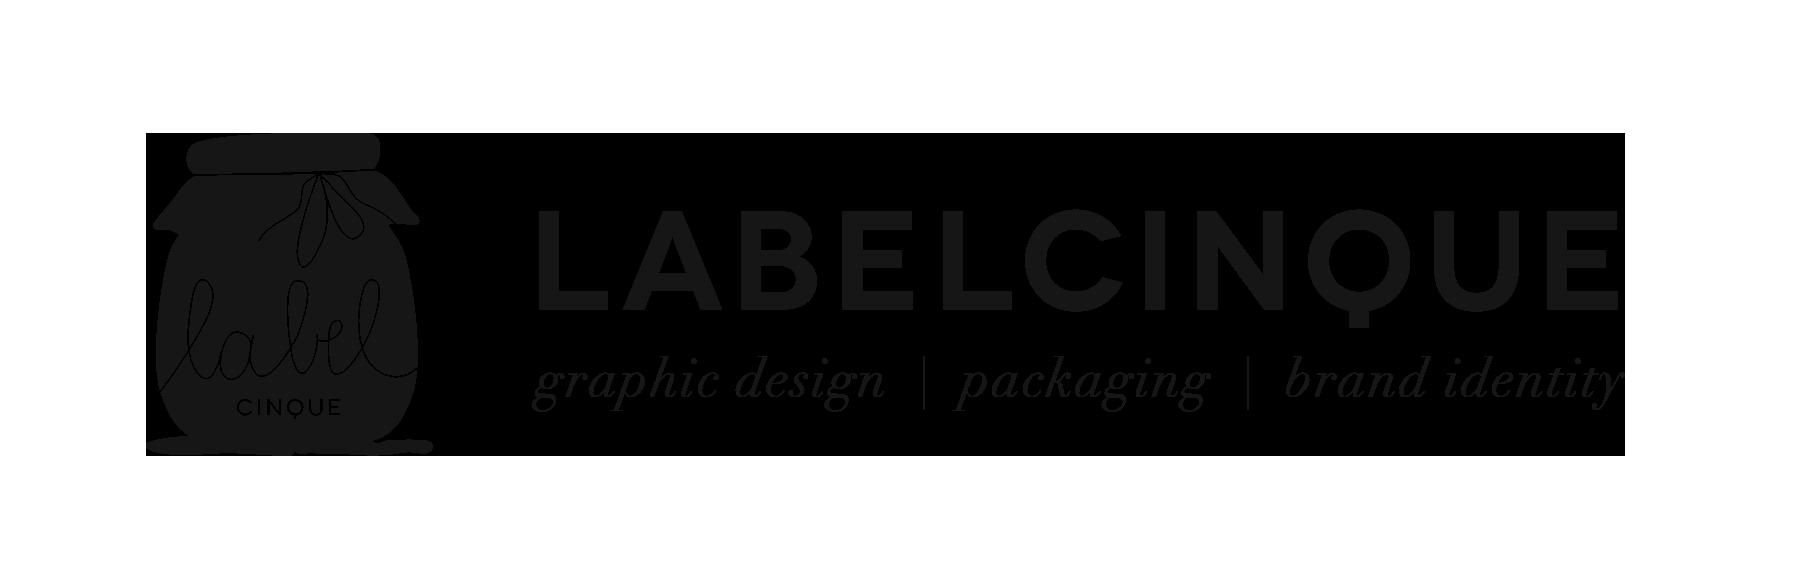 Labelcinque